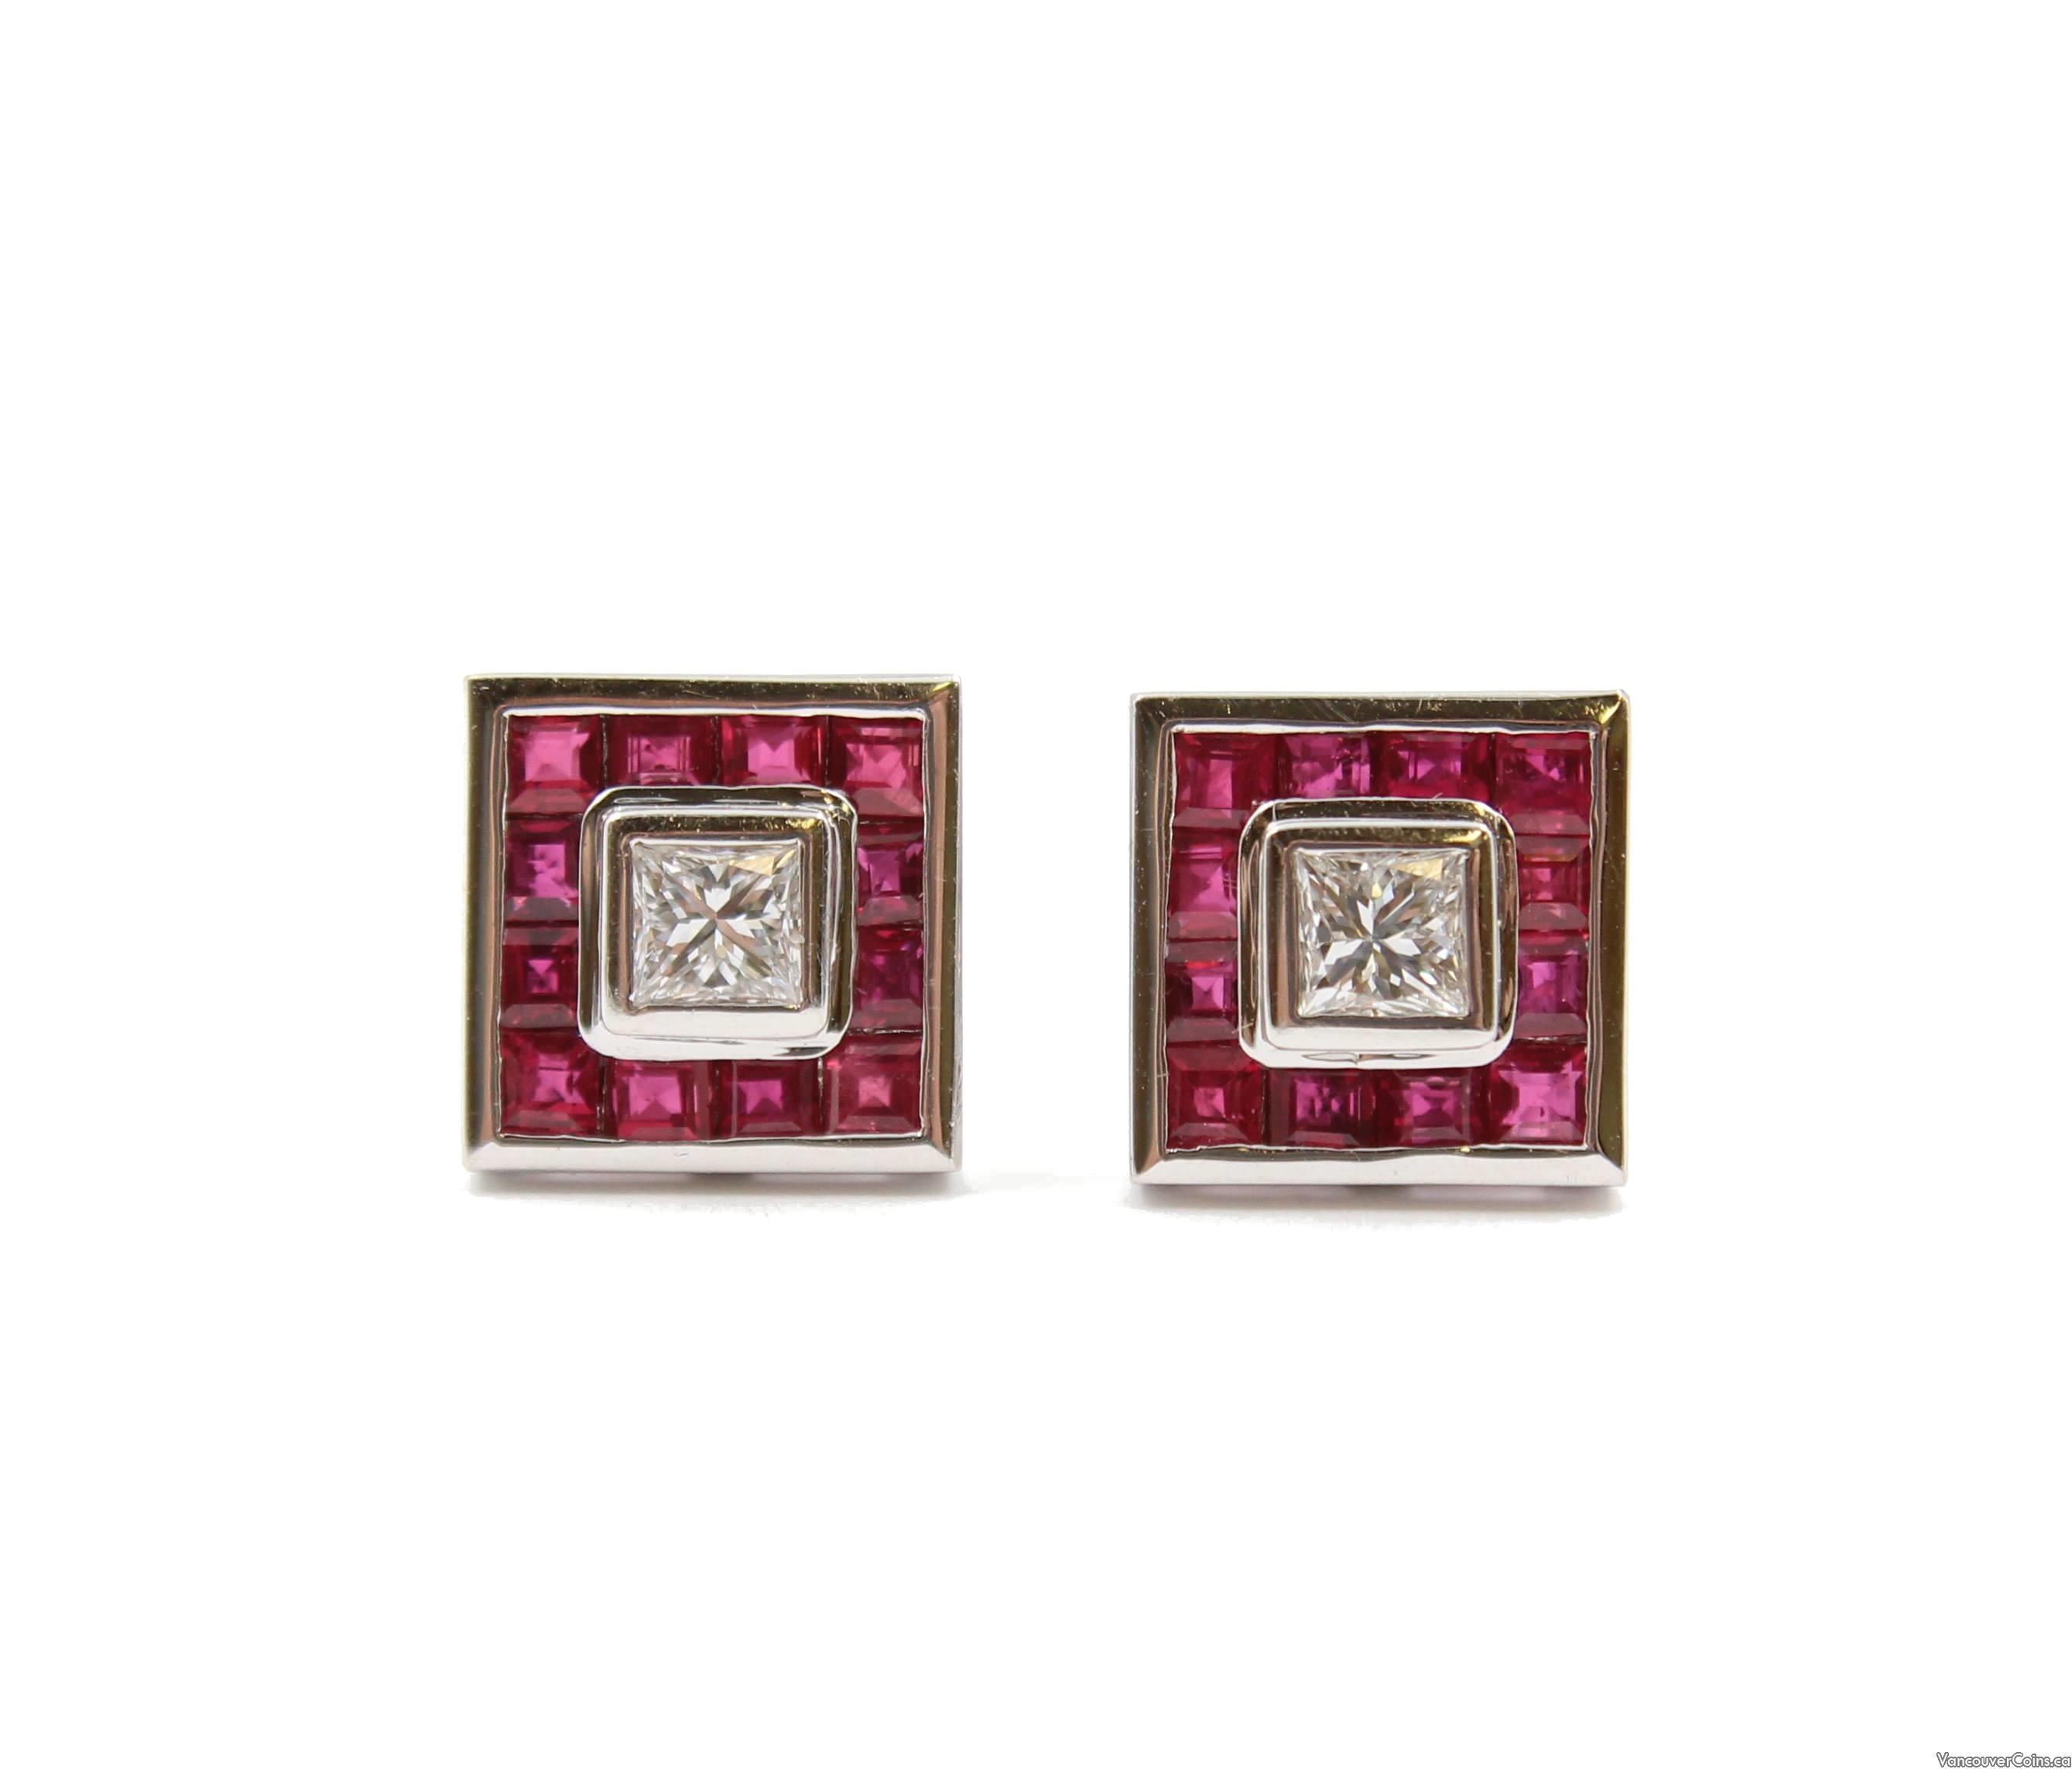 18K wg Diamonds EarringsVS1 F/G & 24x Rubies VS lively red